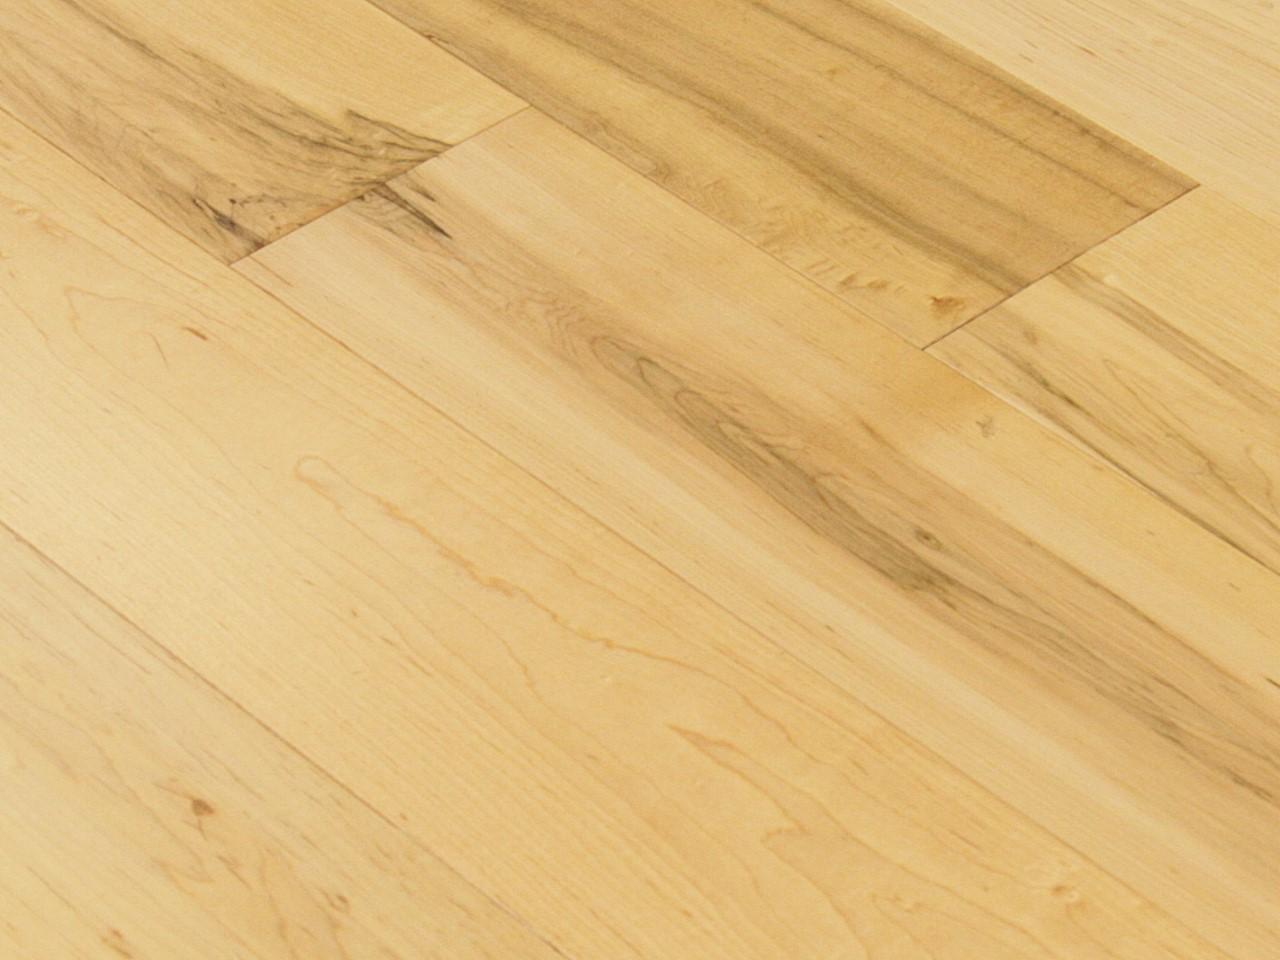 Floorus Com 5 Quot Multilayer Engineered Hardwood Floor